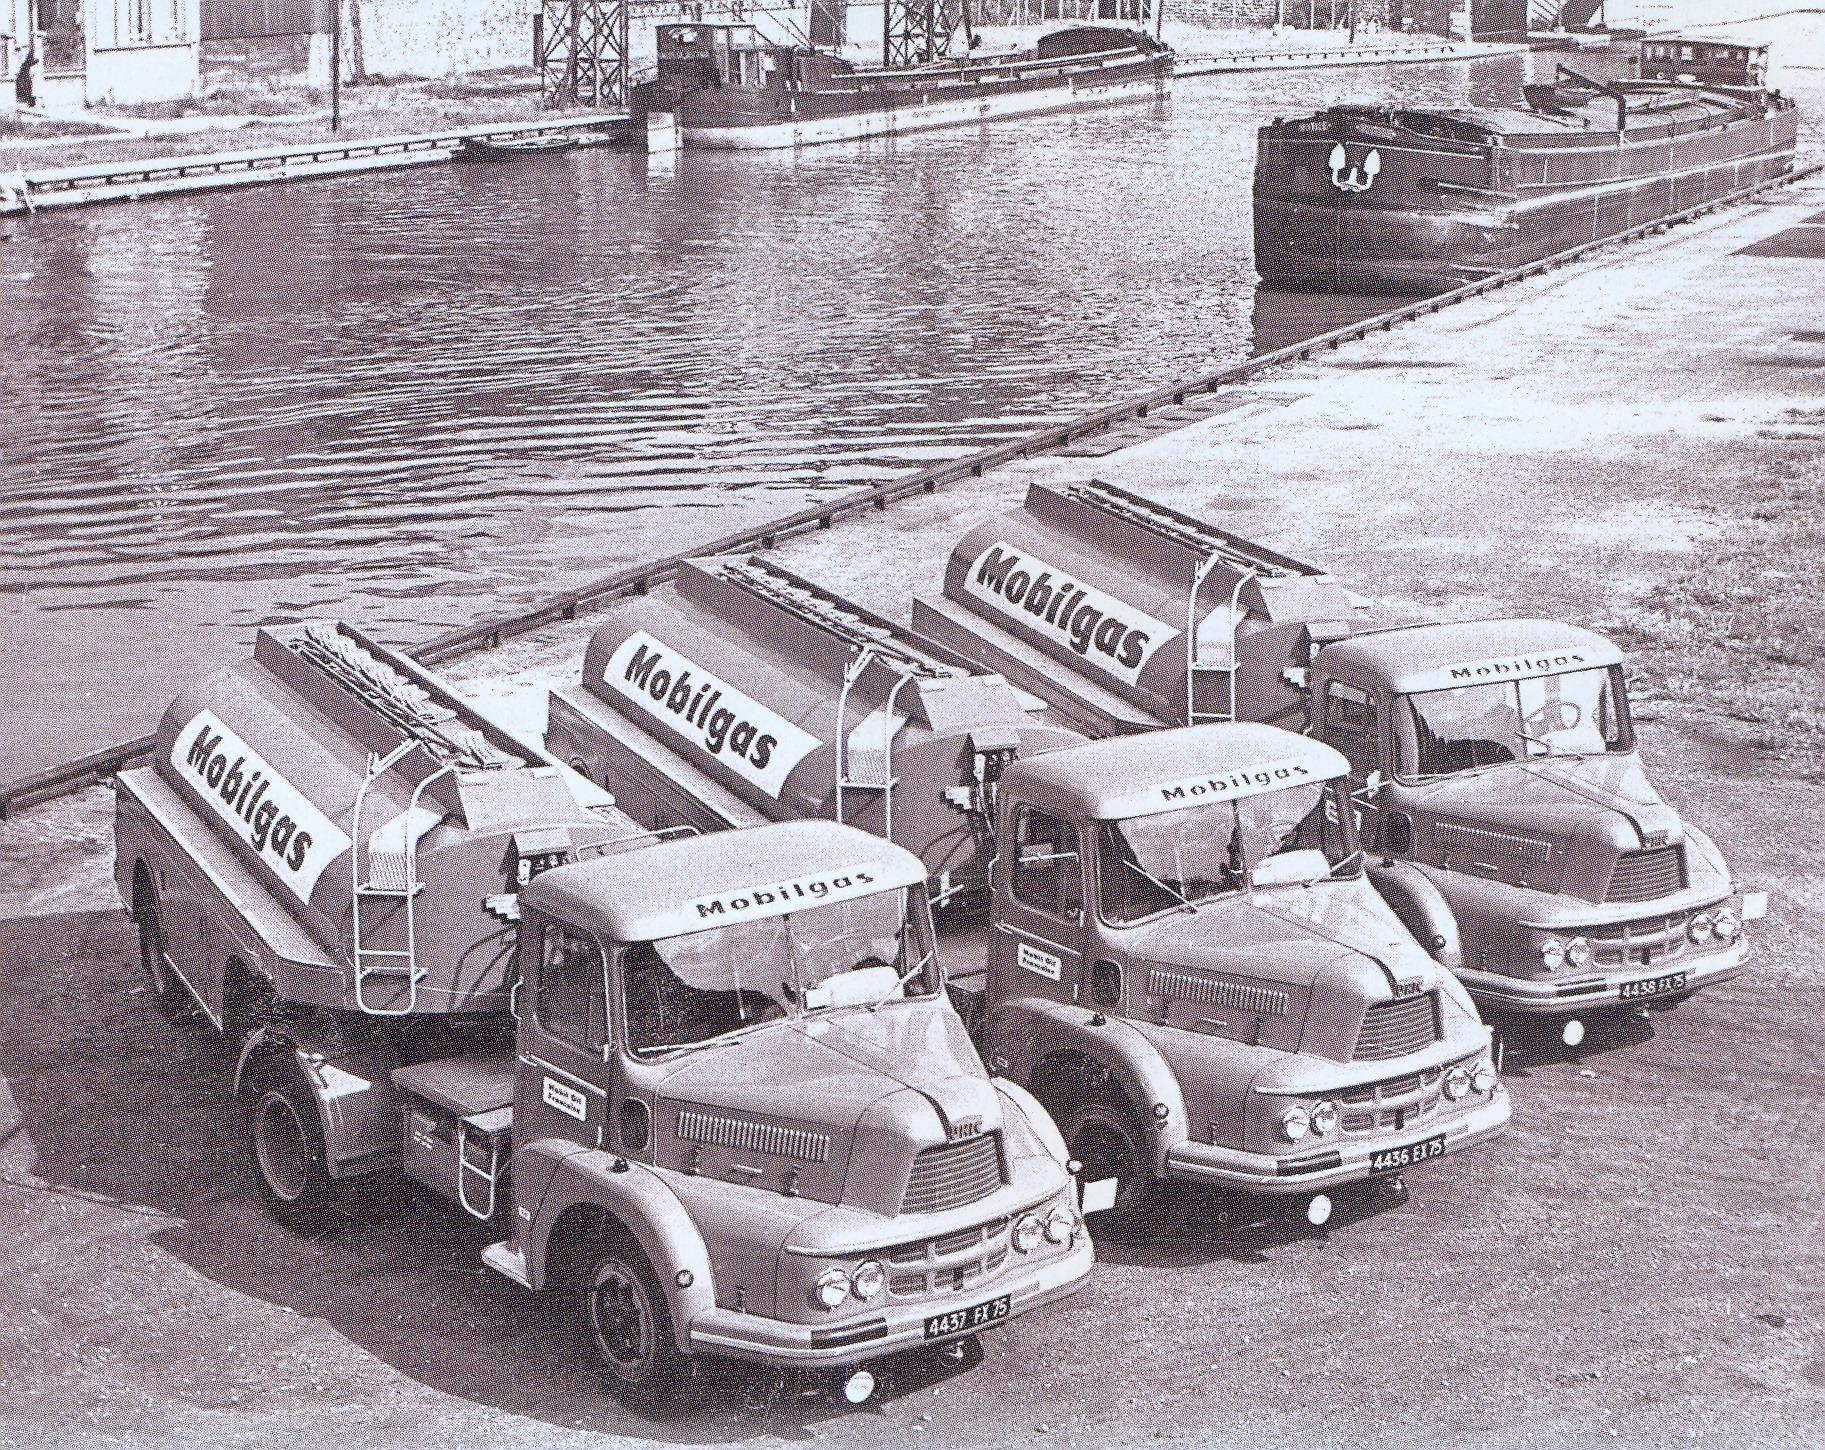 UNIC-ZU-66-TB-mobil-gas-bij-Du-canal-L-Ourq-a-Paris